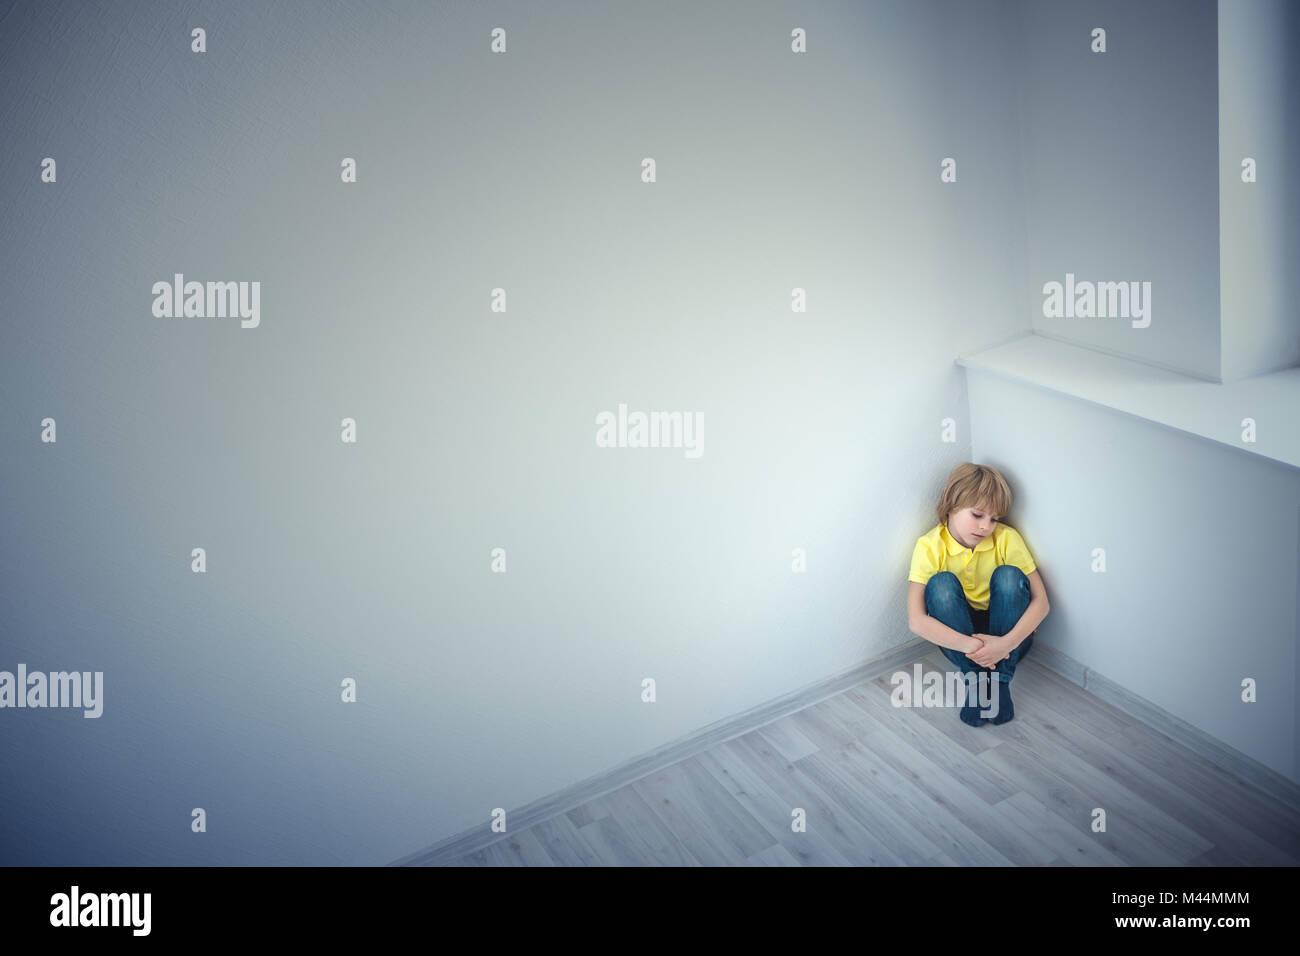 Solitudine Immagini Stock